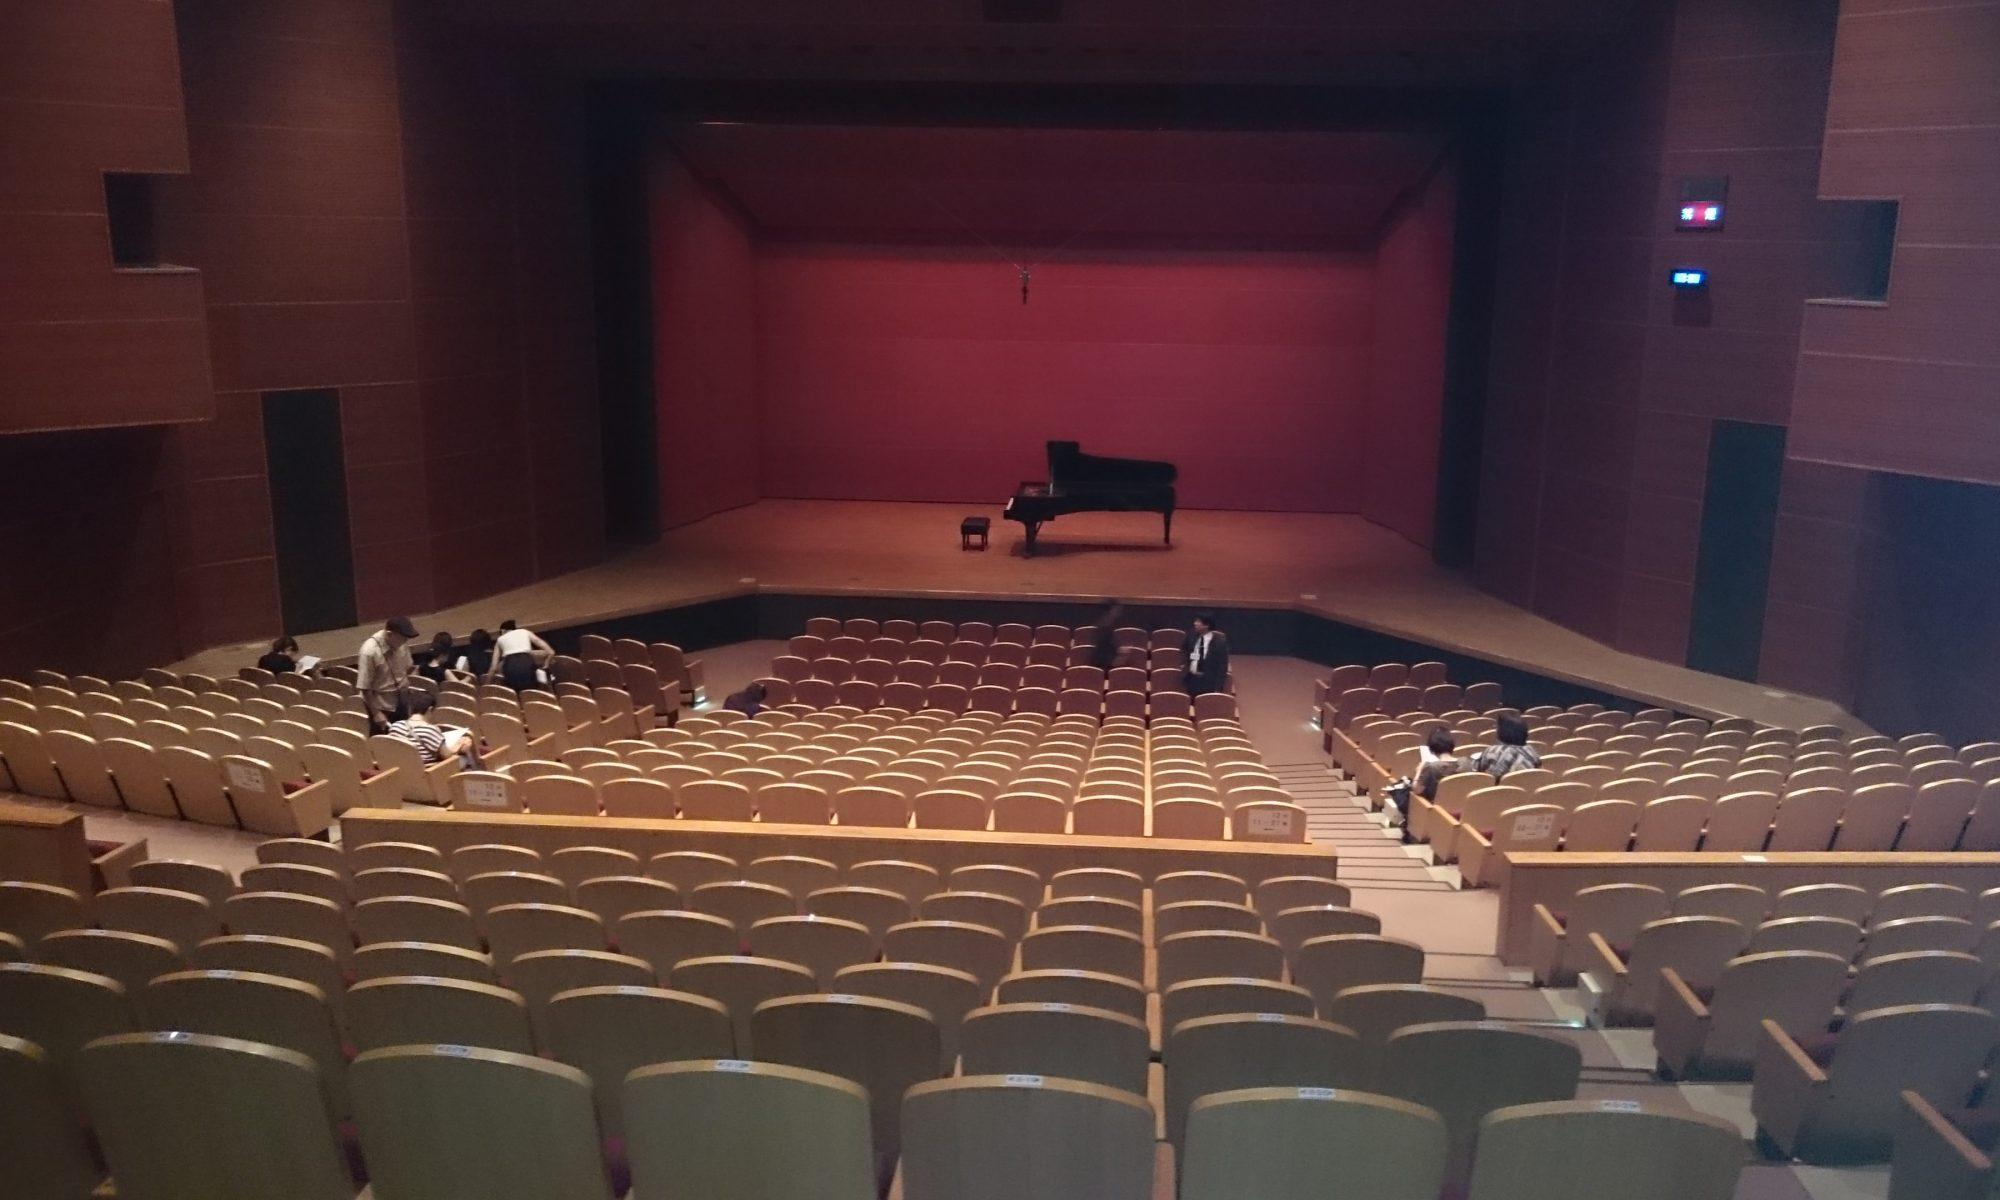 沼津市のピアノ教室|川北けい子ピアノ教室のブログ